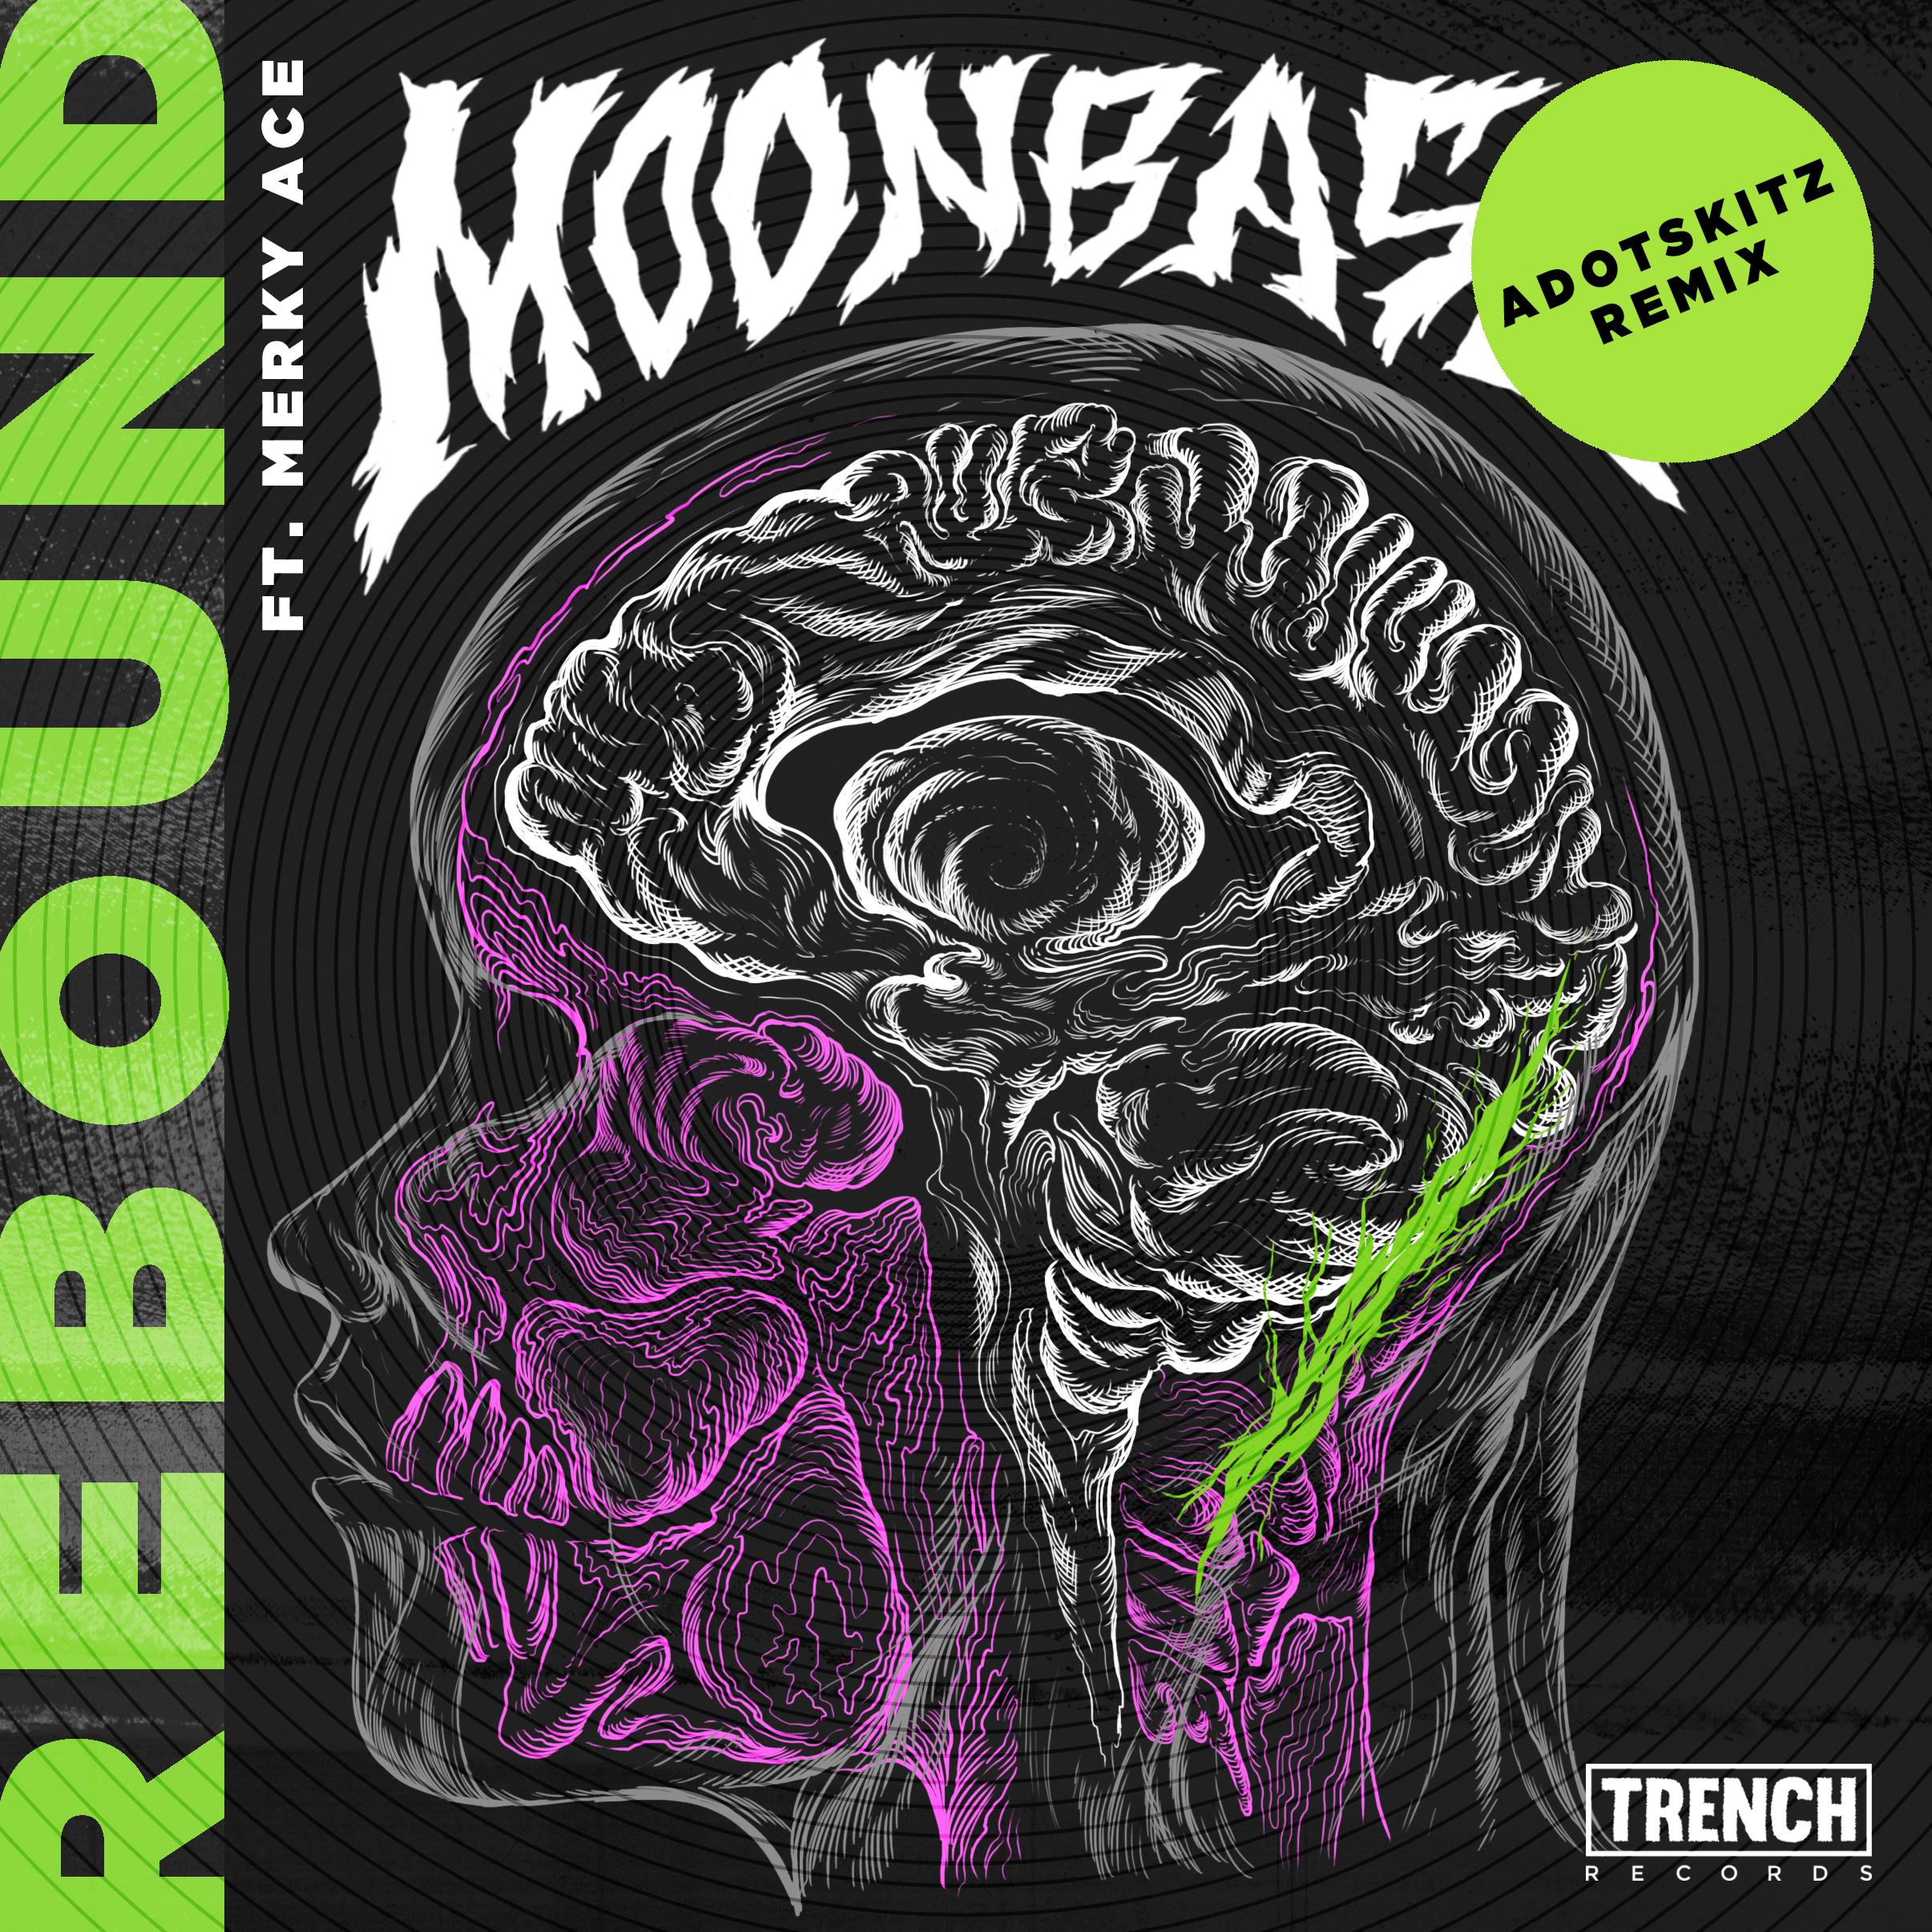 Moonbase - Rebound (ft. Merky ace) [adotskitz remix]